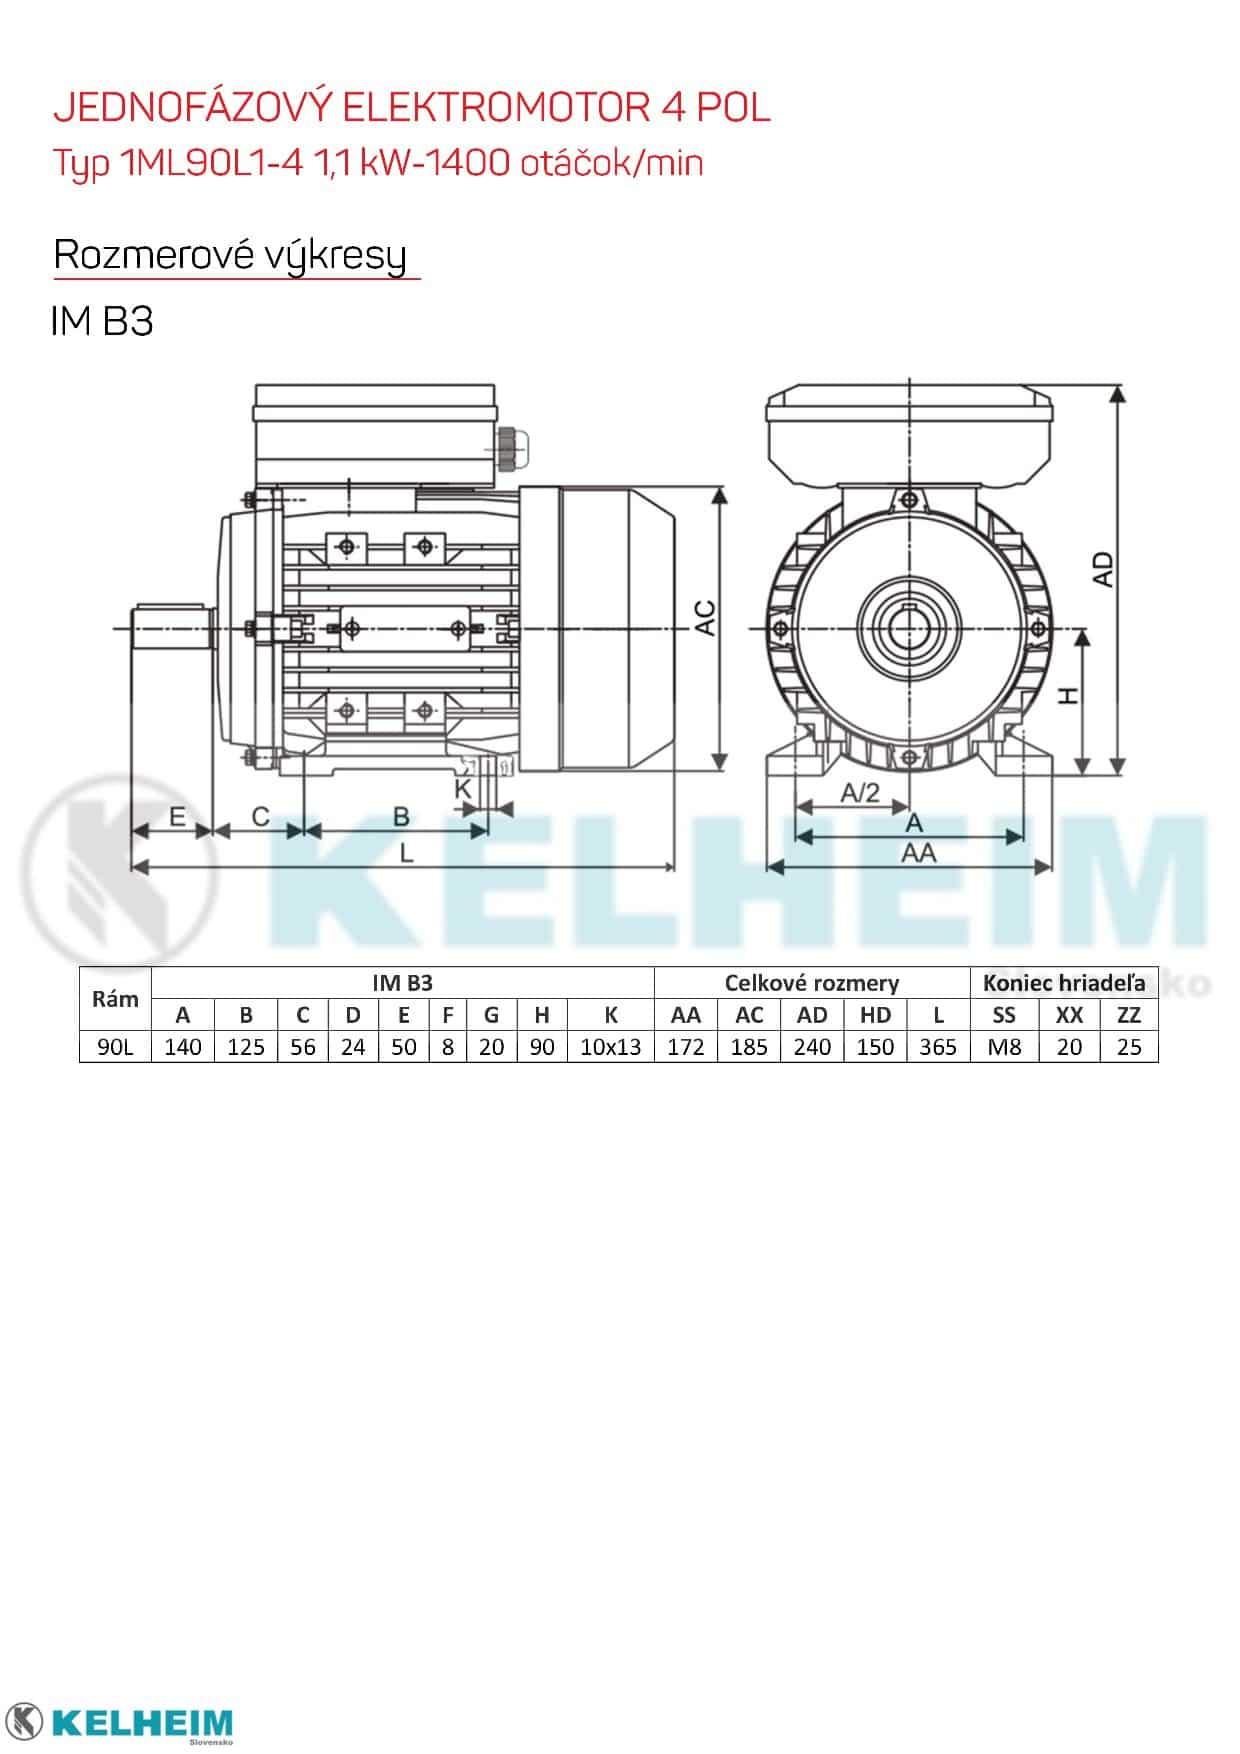 rozmerový výkres - jednofázový elektromotor 1,1kw ML90L1-4